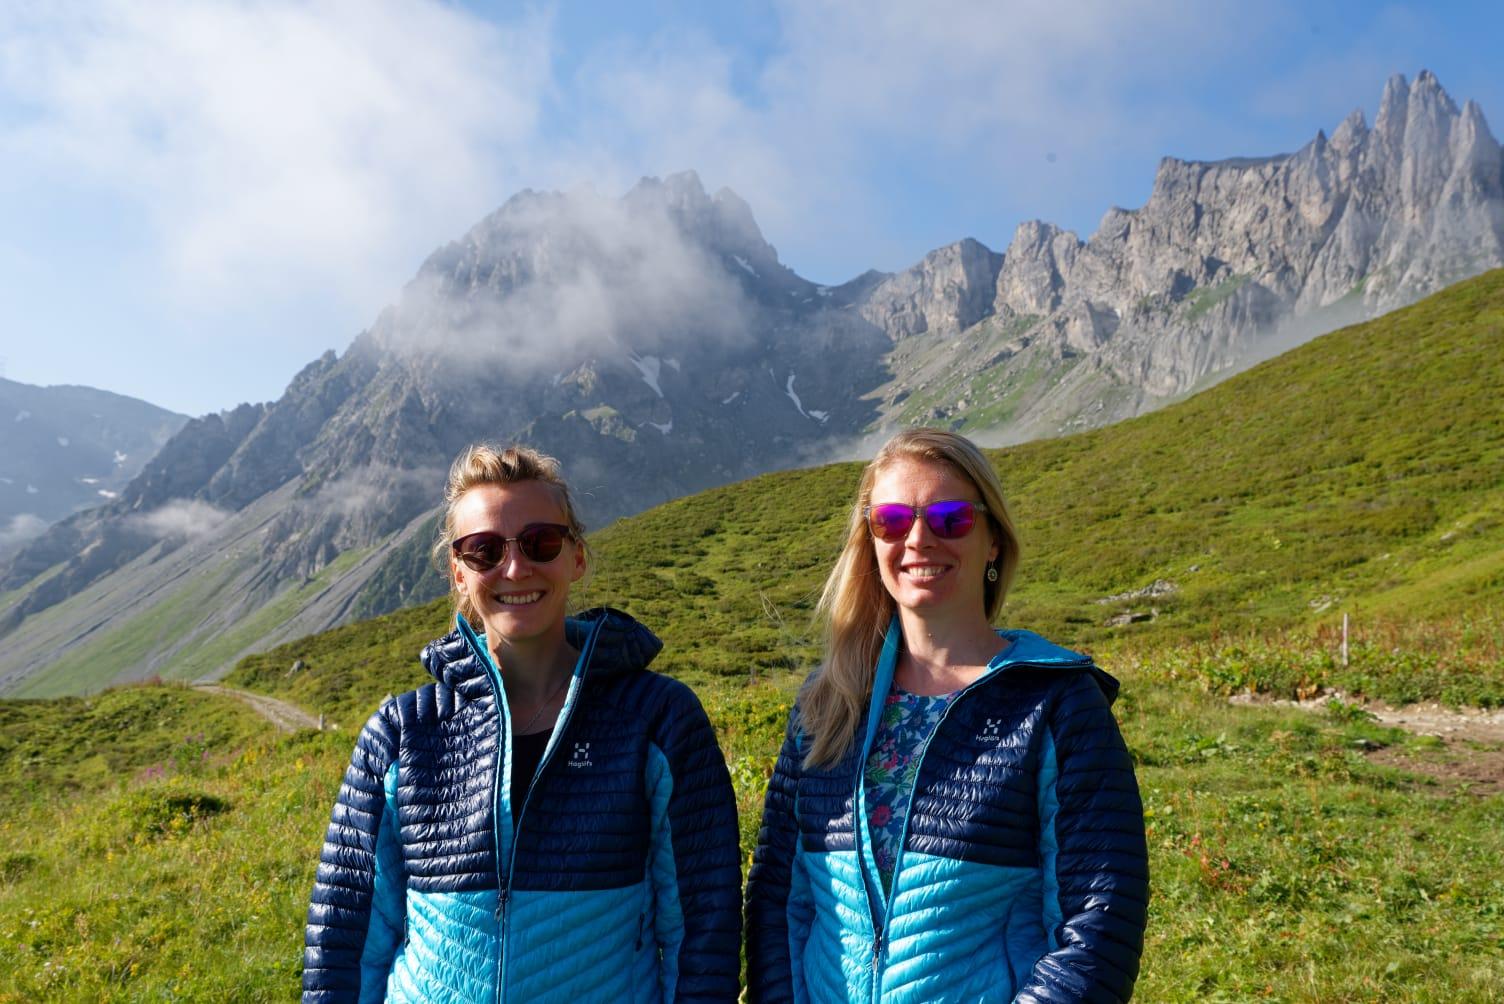 Gardien  : Compagnie des Guides de Saint-Gervais / Les Contamines-Montjoie SAS Refuge du Mont-Blanc